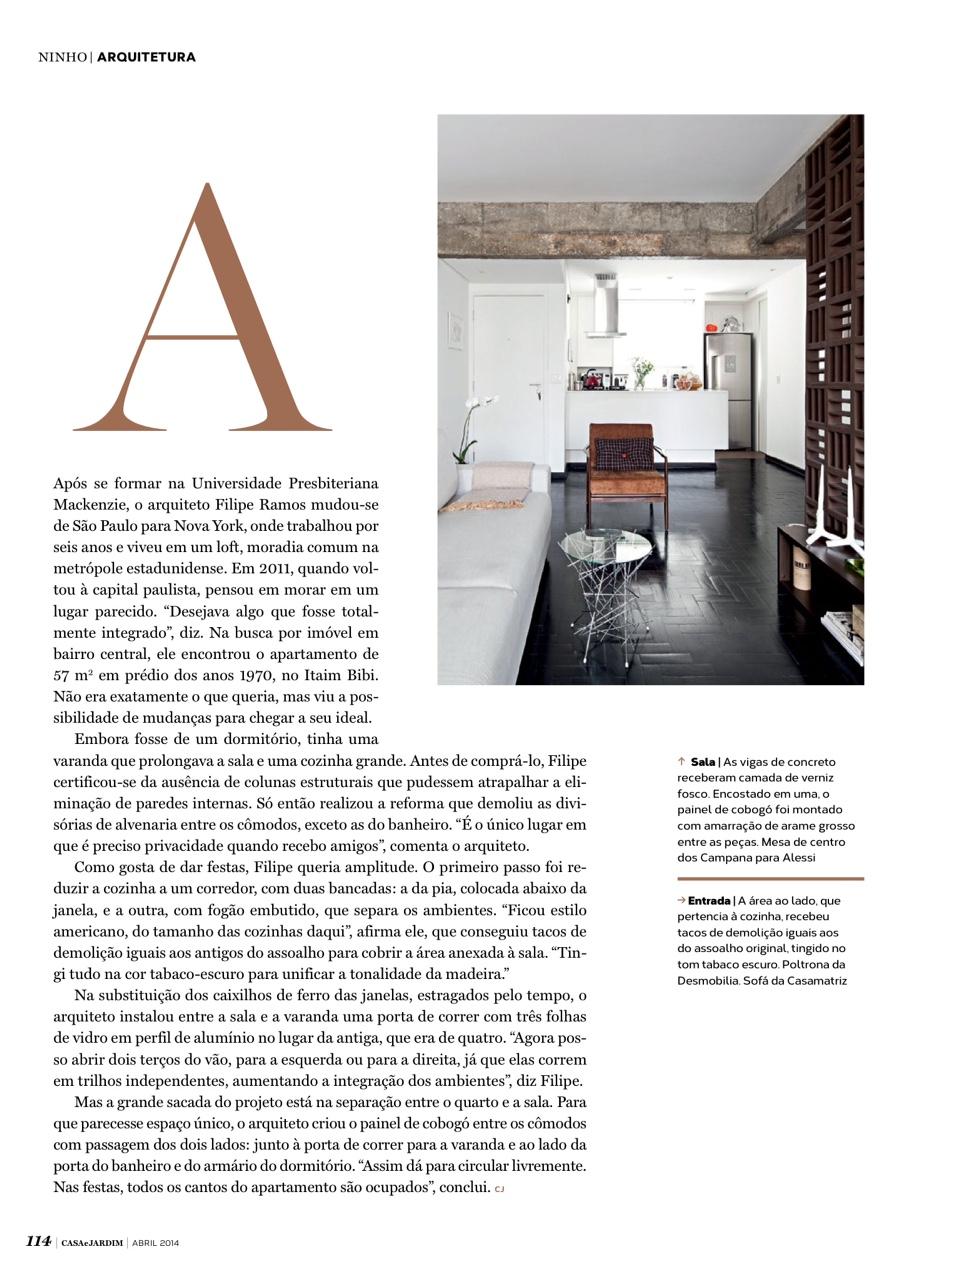 CASA E JARDIM - FILIPE RAMOS DESIGN ARQUITETURA - APARTAMENTO COBOGO - ITAIM (3).JPG